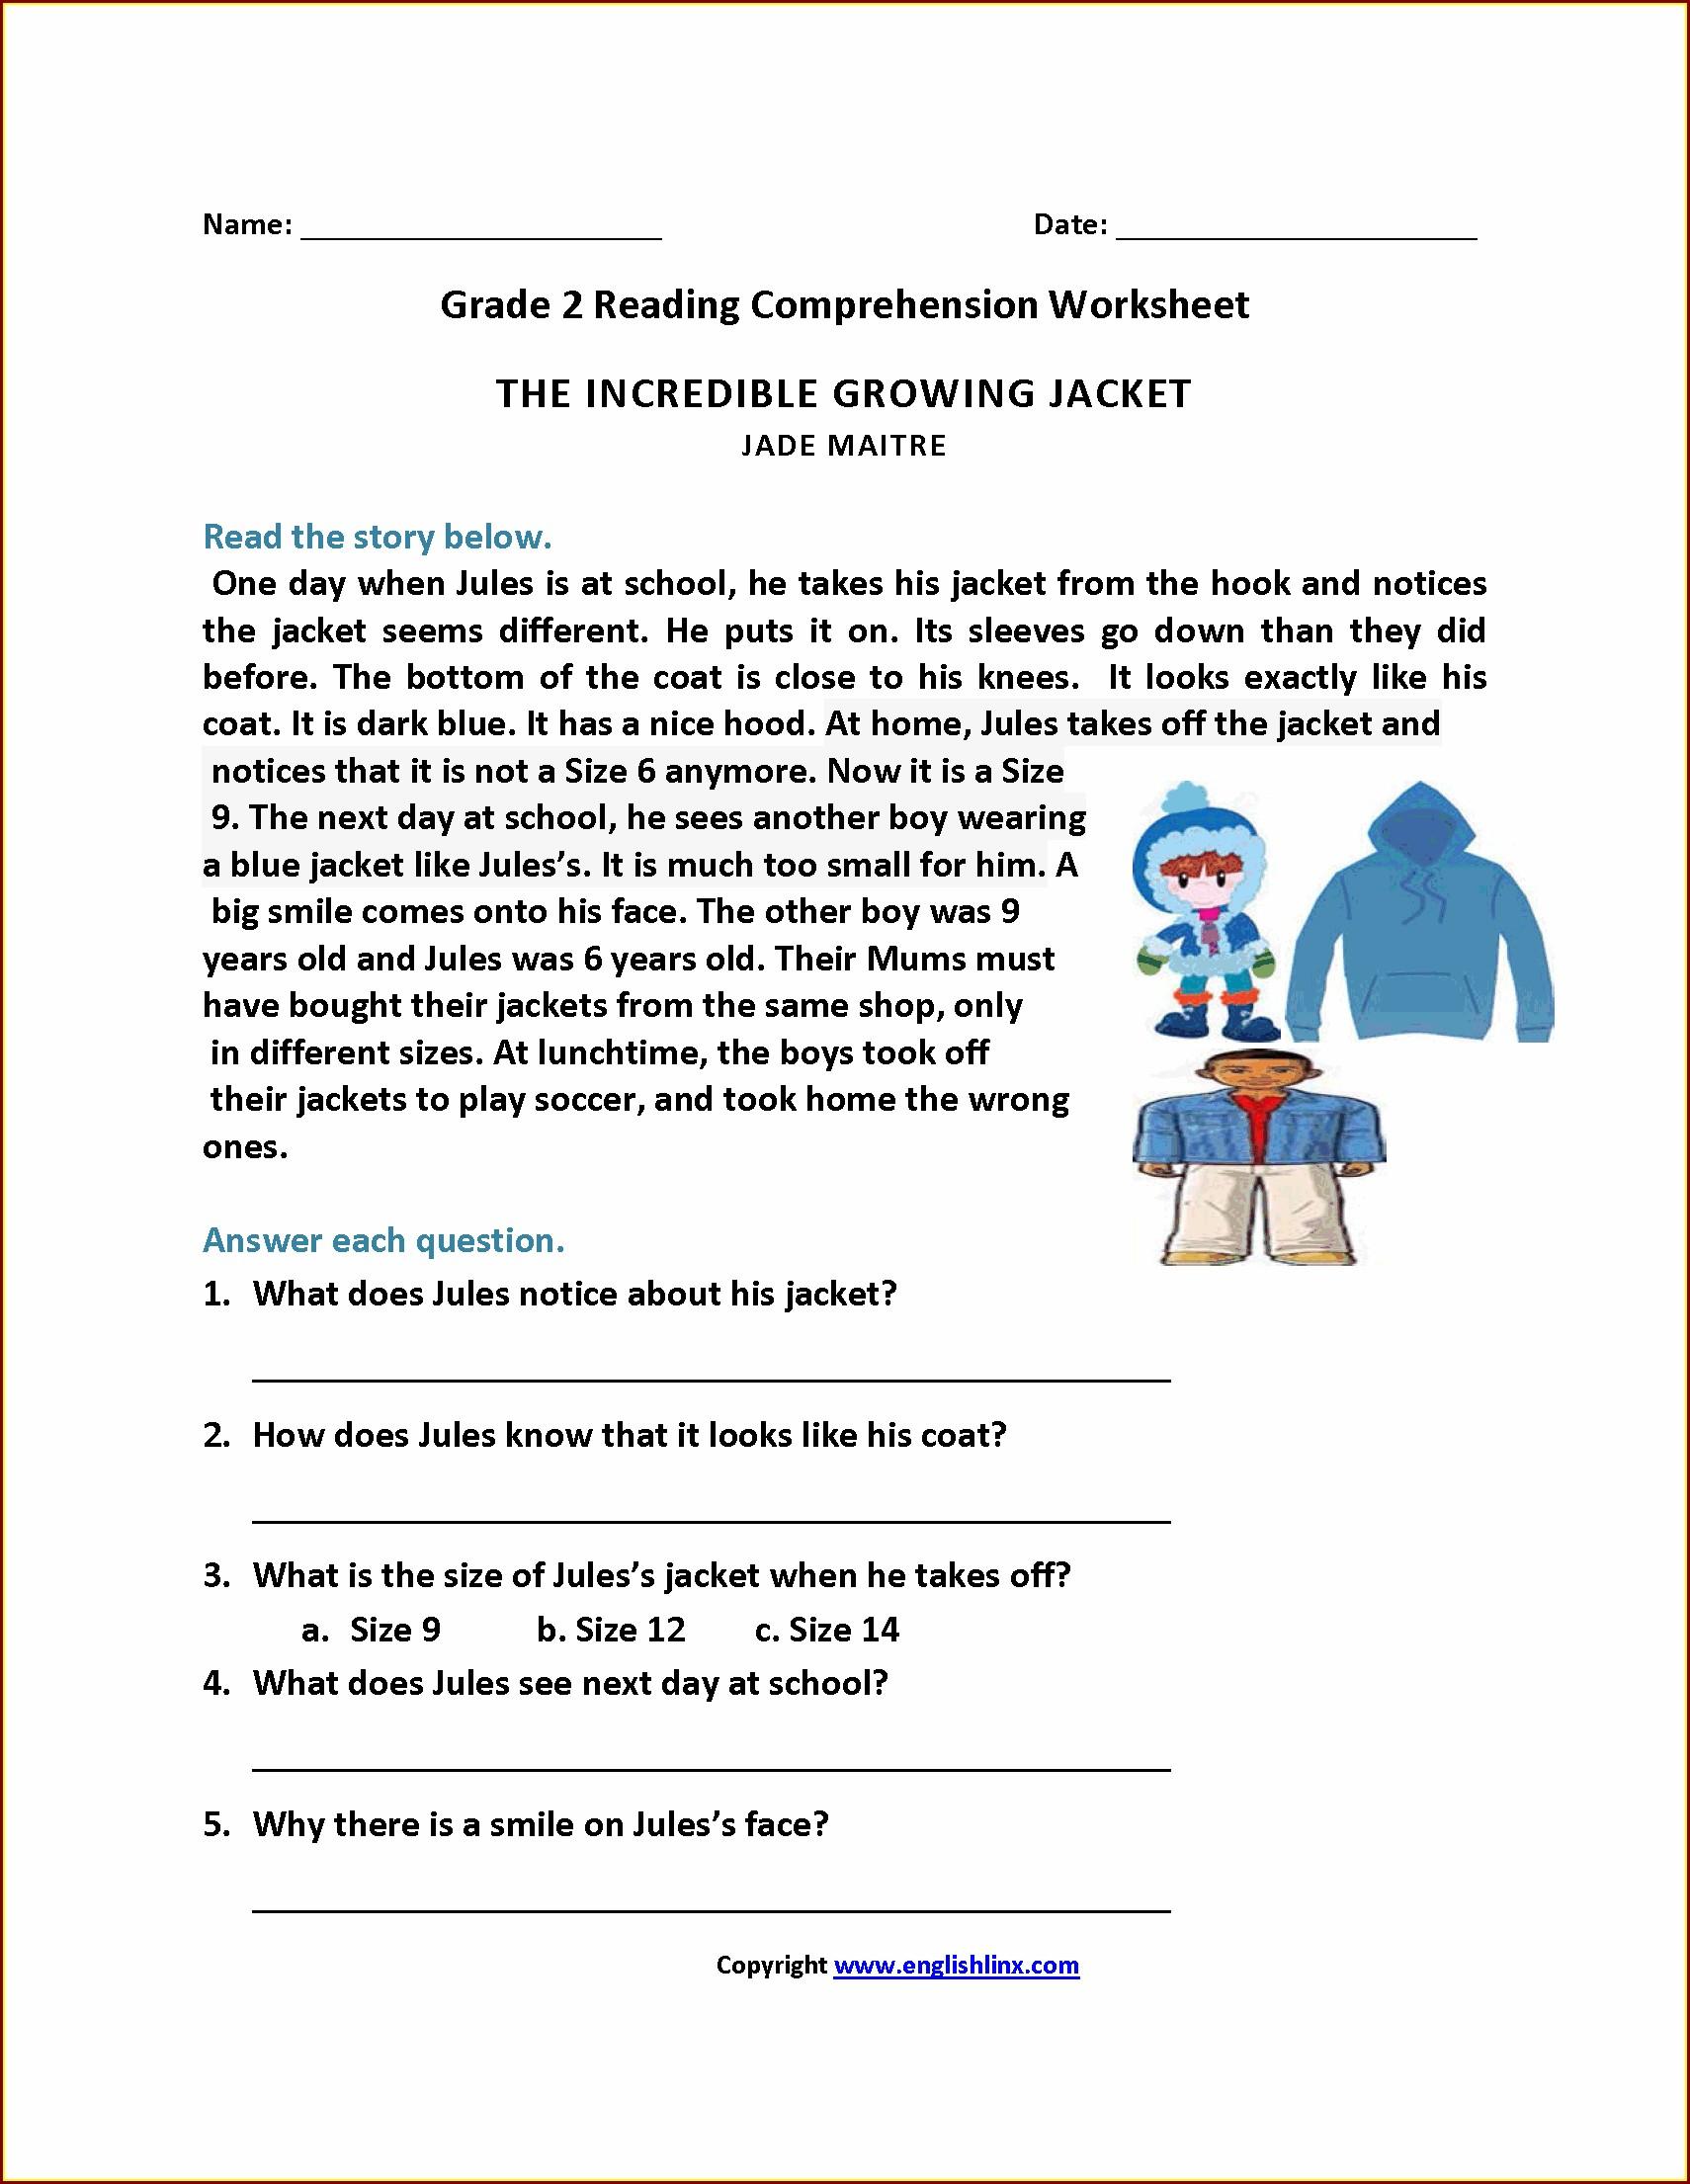 Comprehension Worksheet Grade 2